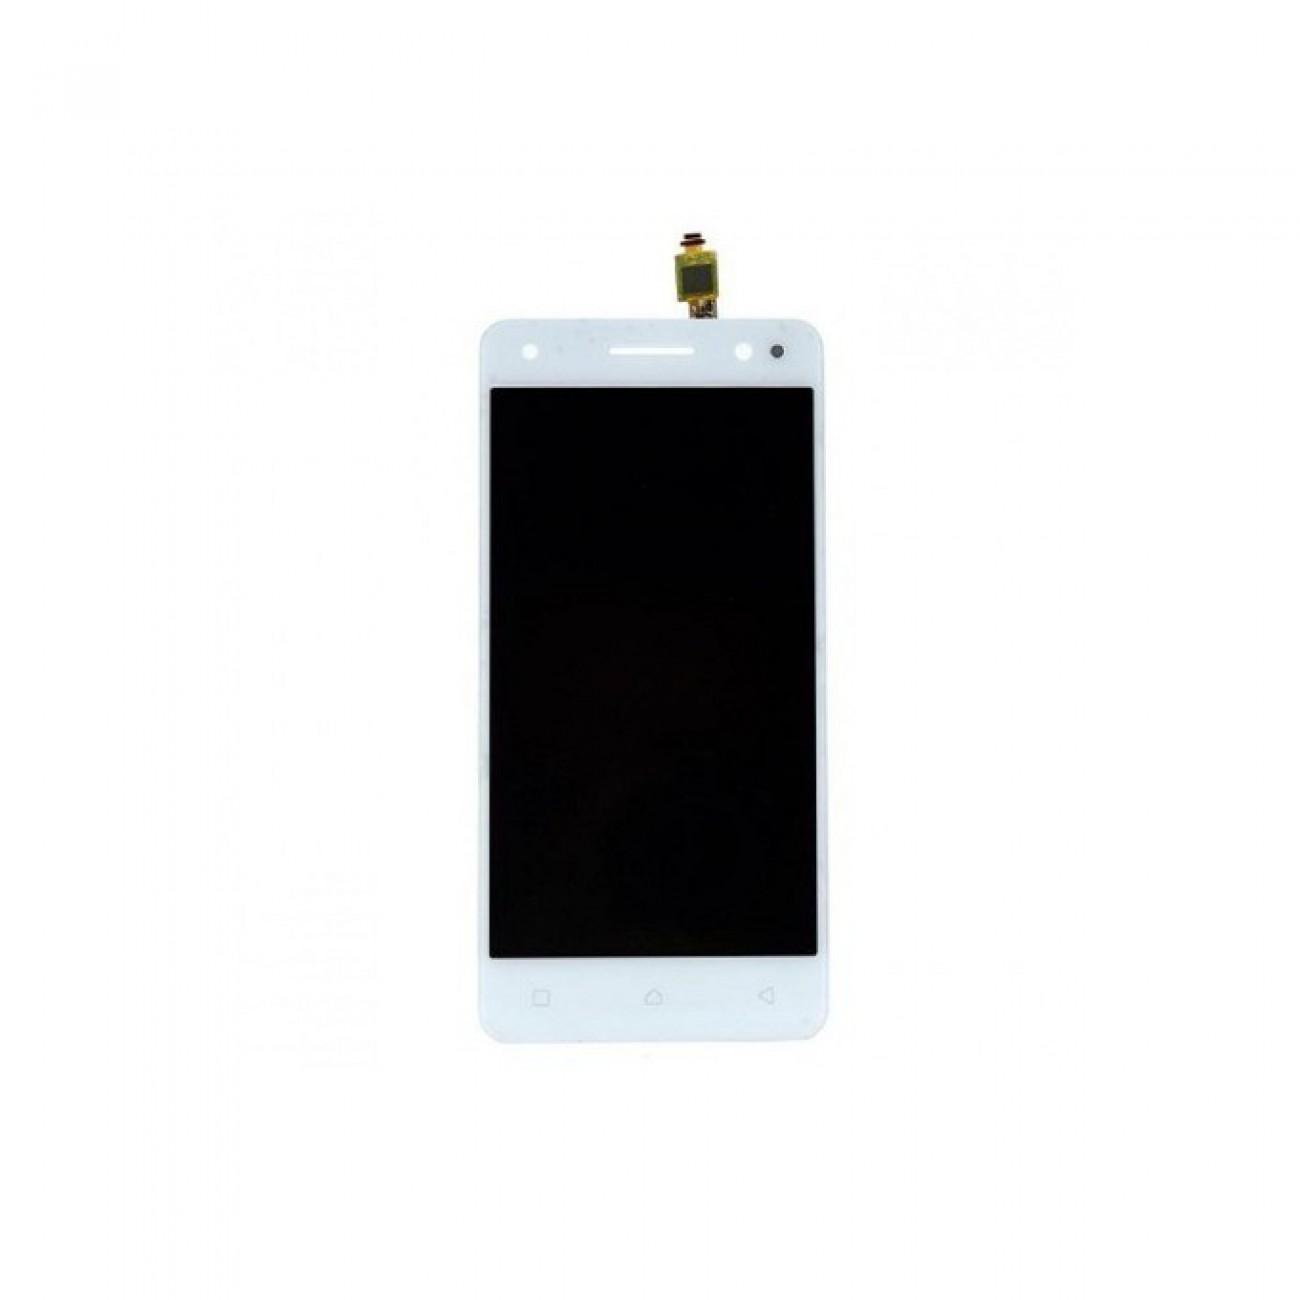 Дисплей за Lenovo Vibe S1 Lite (S1La40), touch, бял в Резервни части -  | Alleop